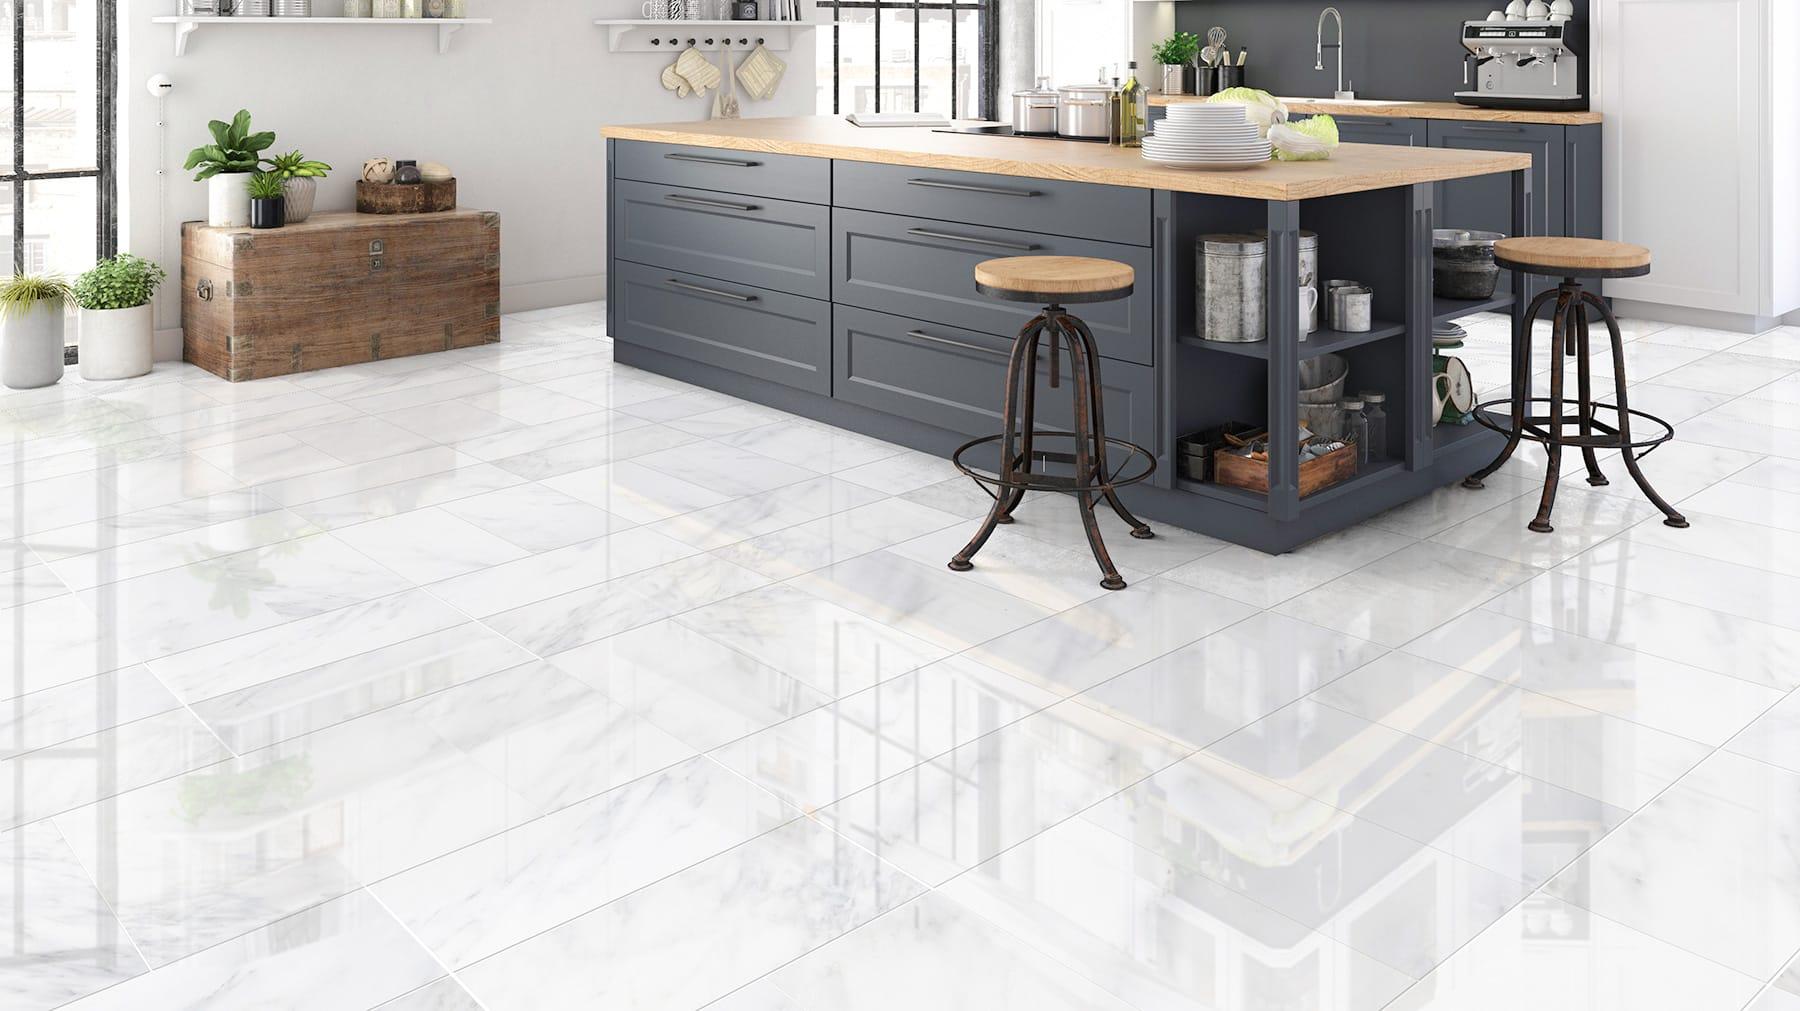 Calacatta Marble Tiles How To Achieve A Calm Bathroom With Calacatta